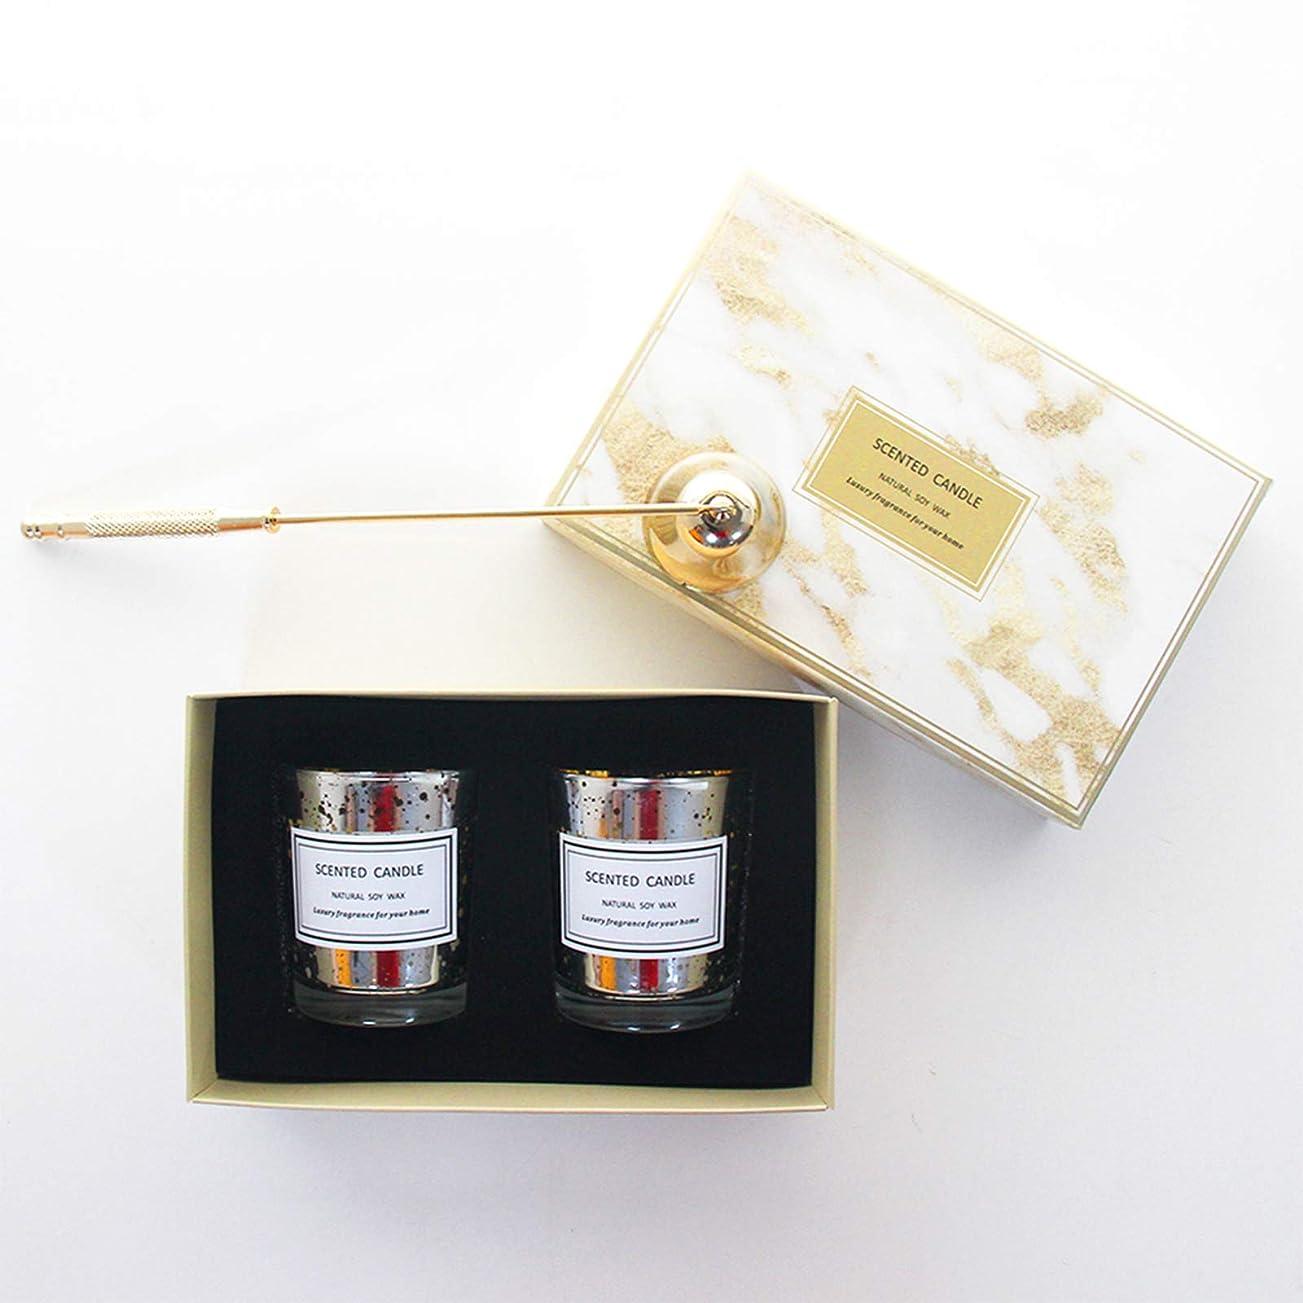 脱臼するフェザー記念香りのキャンドルセット、 ホーム香りのキャンドル、 手は、大豆キャンドルを注ぎました 最大8-11時間の燃焼時間と クリスマス誕生日記念日結婚式ホームデコレーション用,a